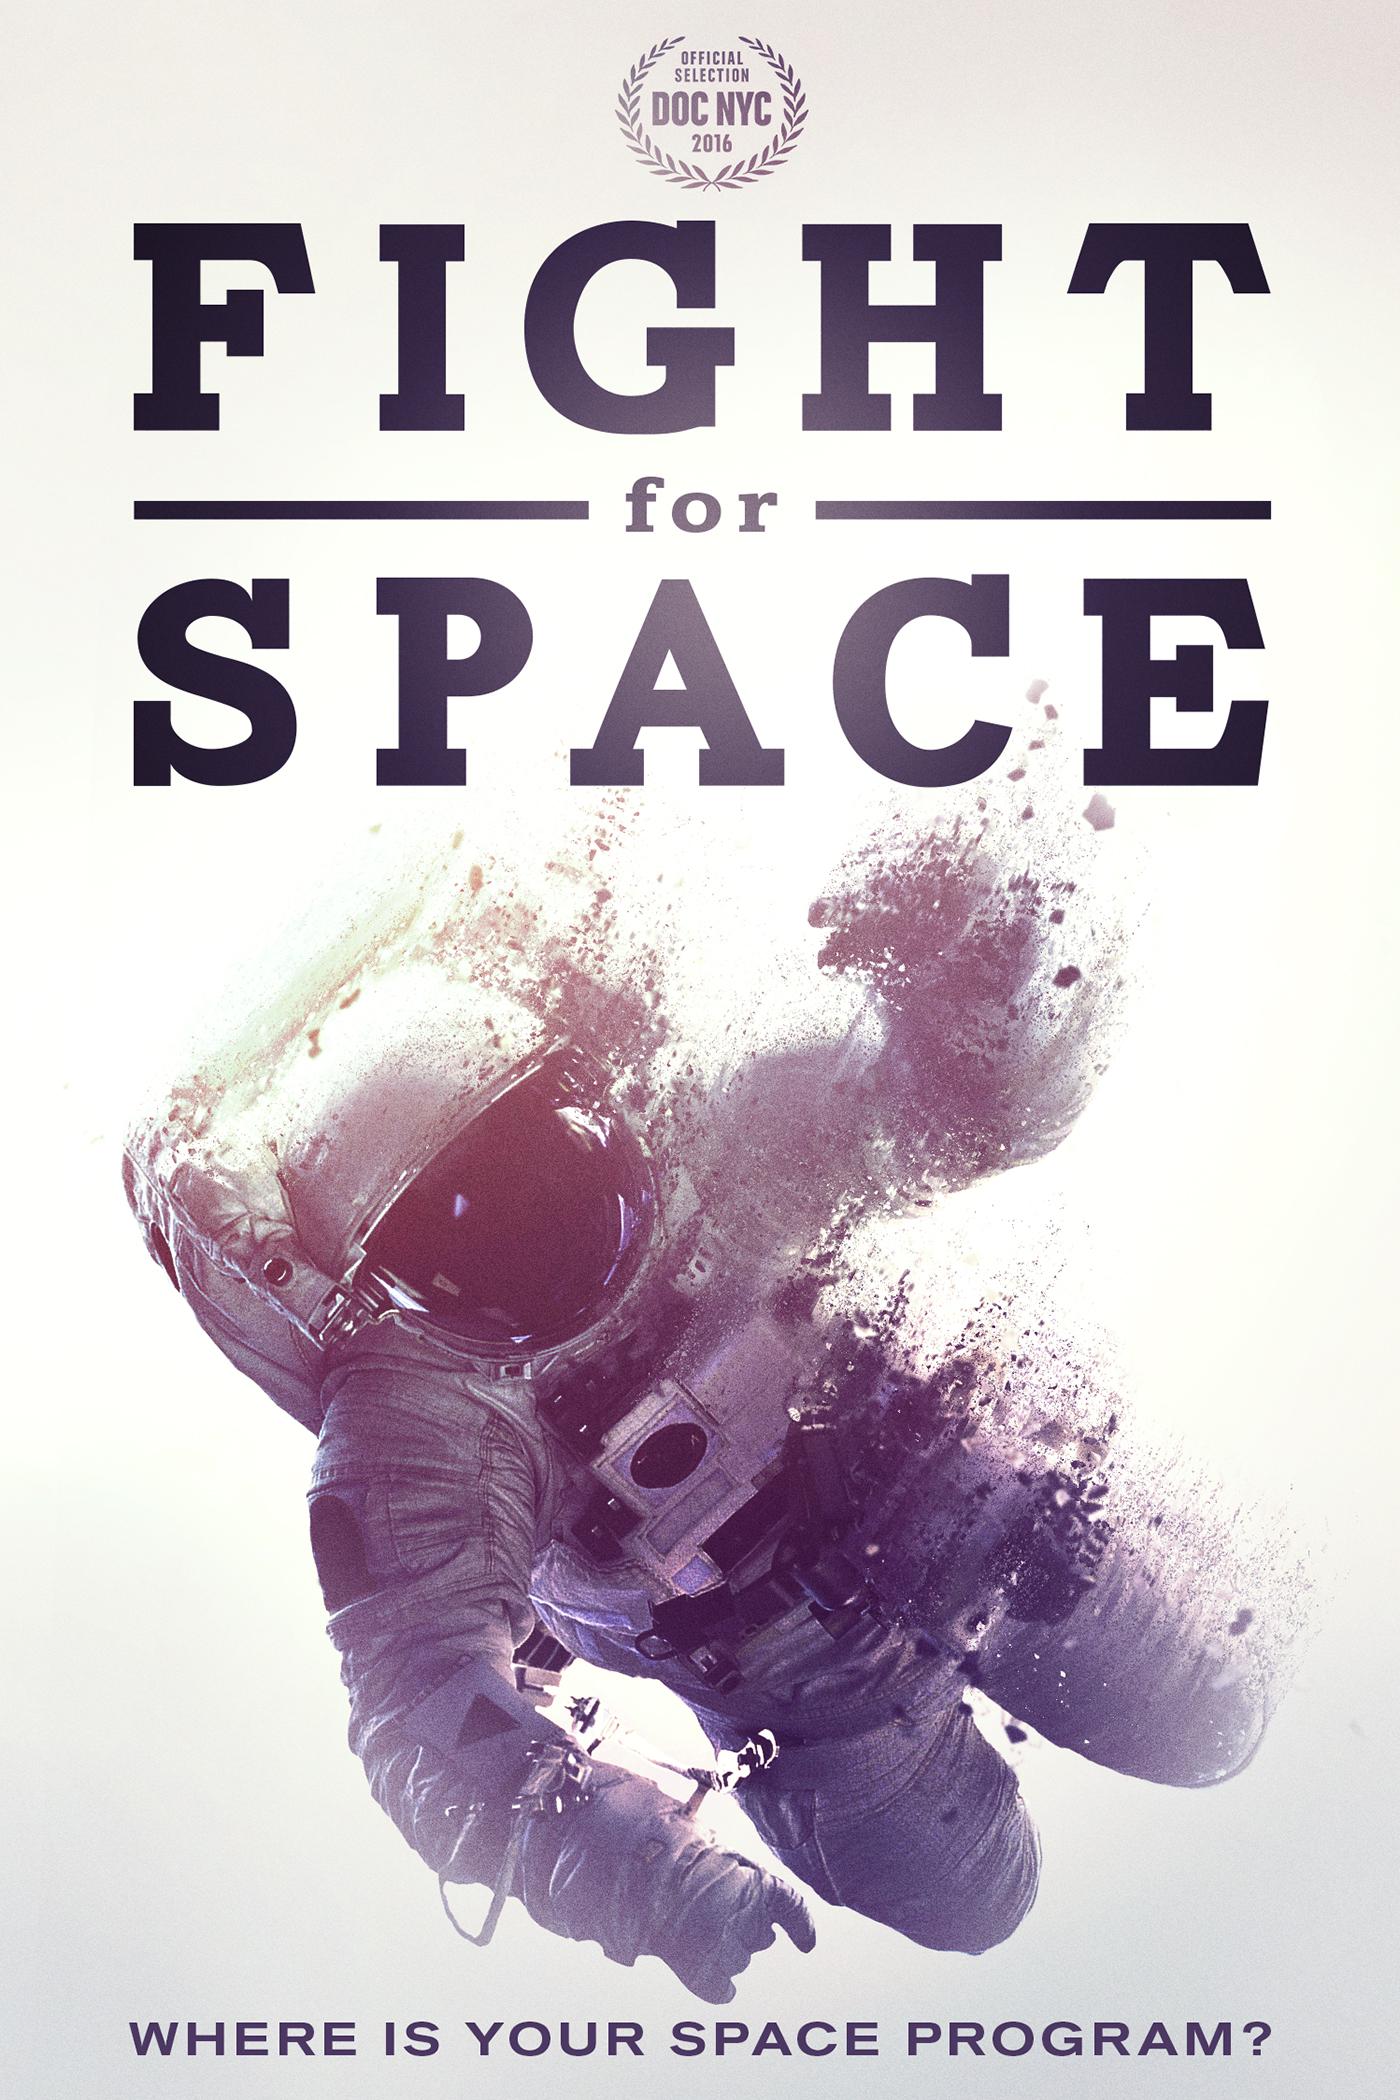 FightForSpace_KeyArt_14VOD.jpg